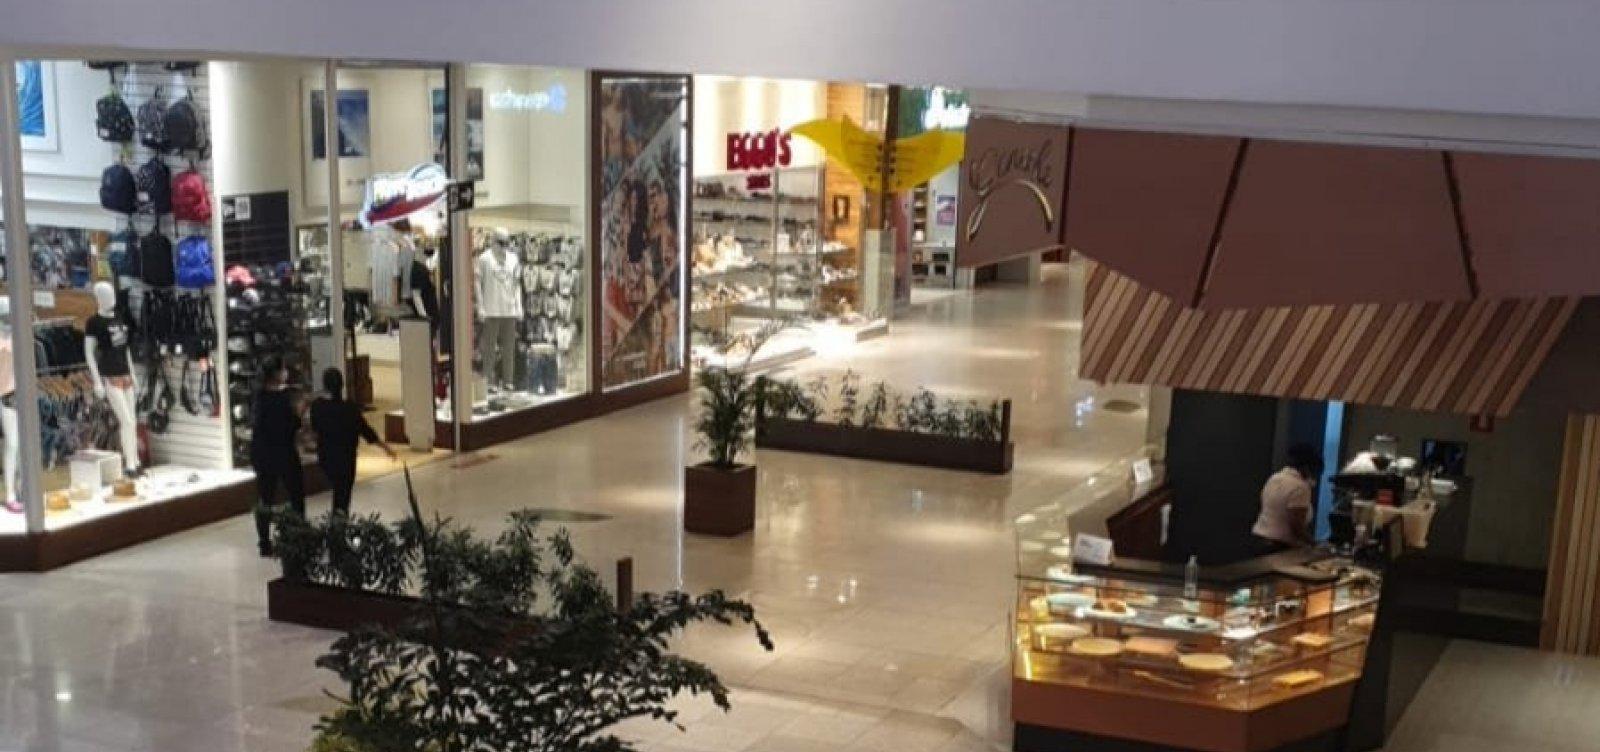 [Shoppings terão horário de funcionamento ampliado na véspera do Dia dos Pais]